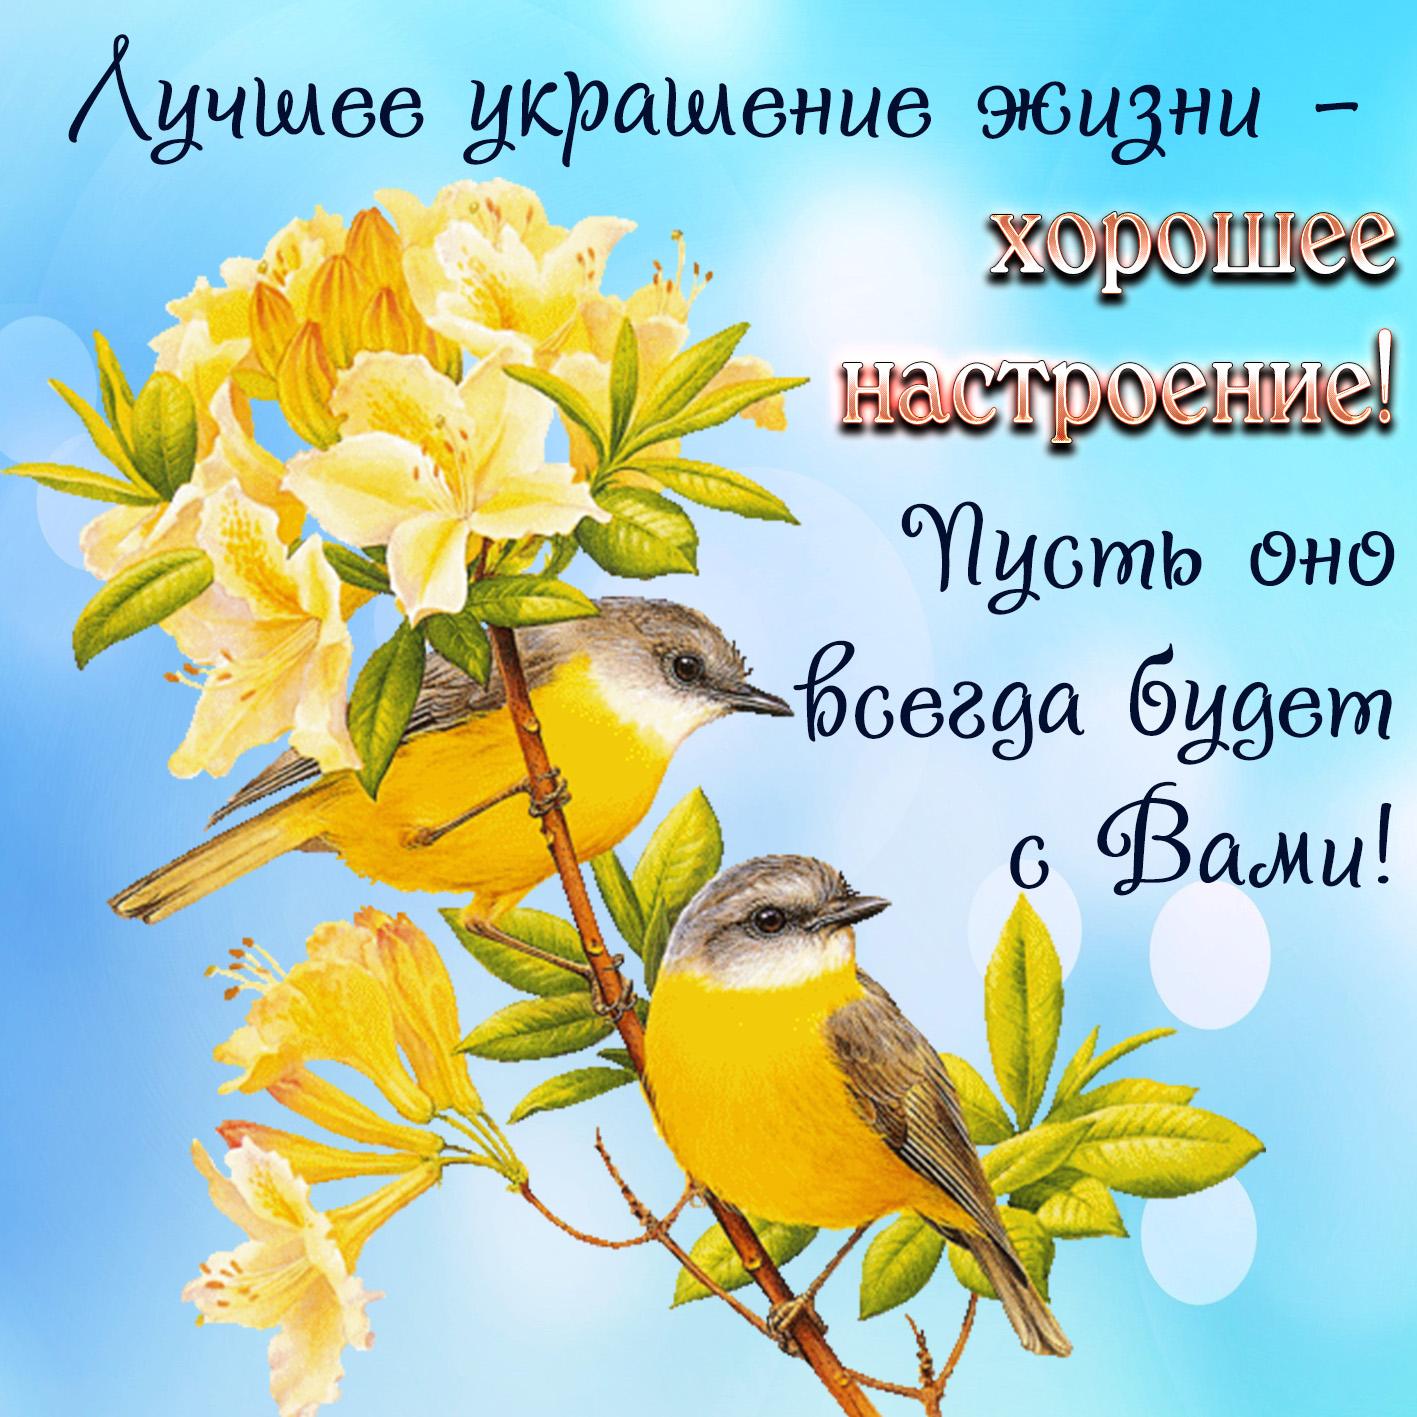 Открытка хорошего настроения с красивыми птичками на веточке